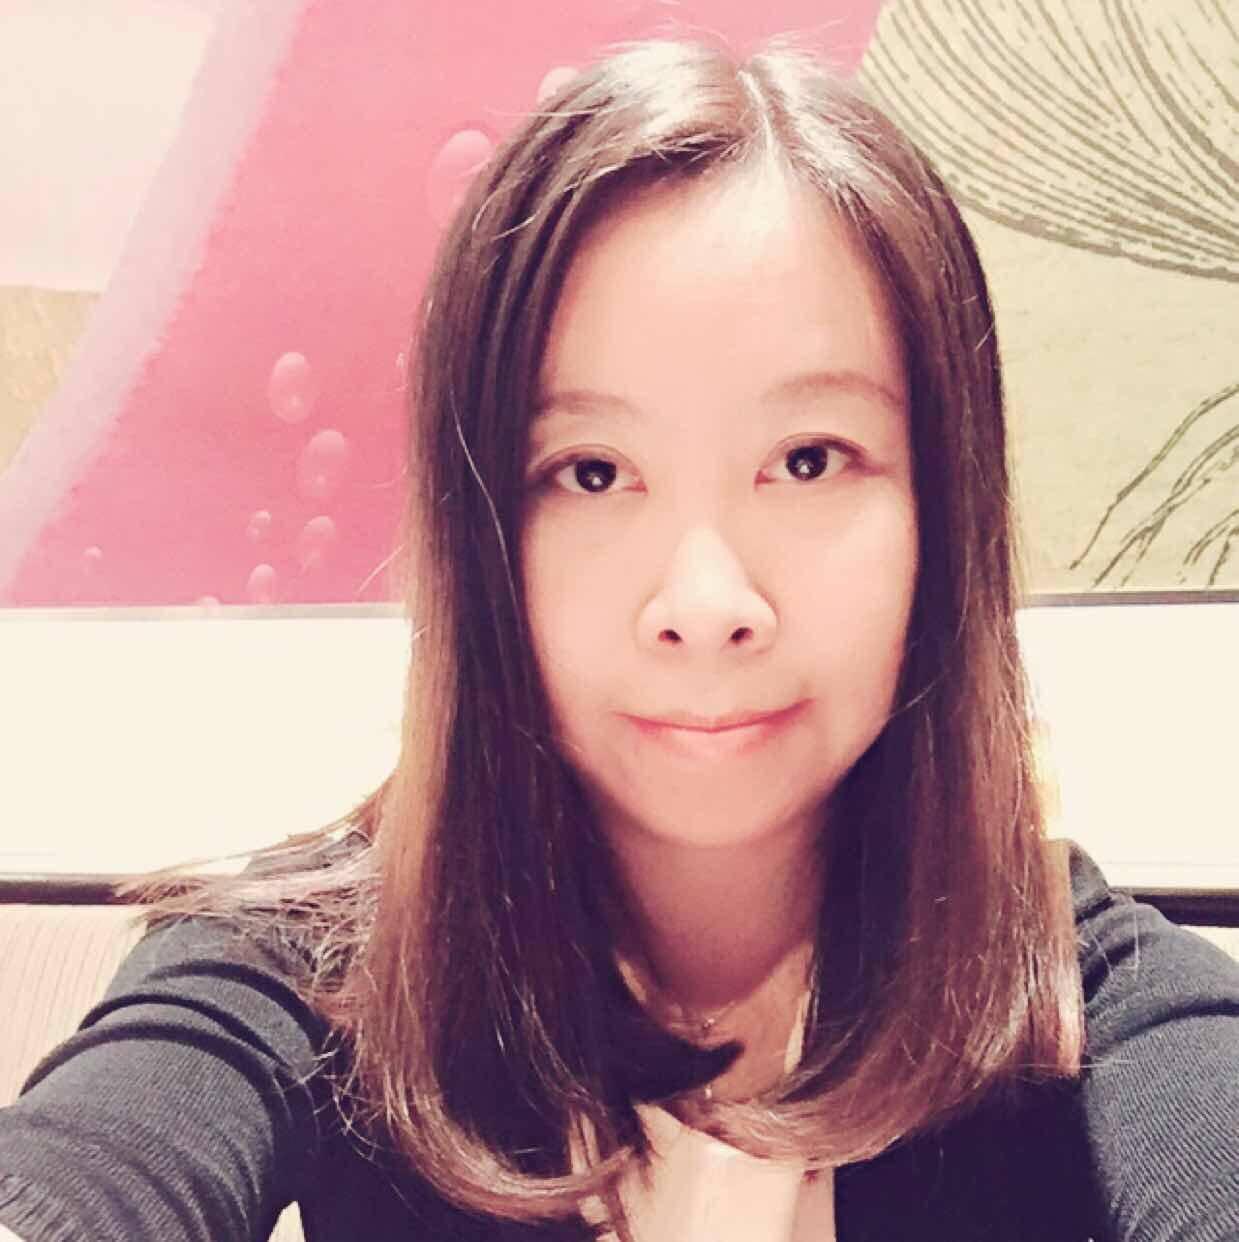 游谱旅行网 联合创始人 赵杨